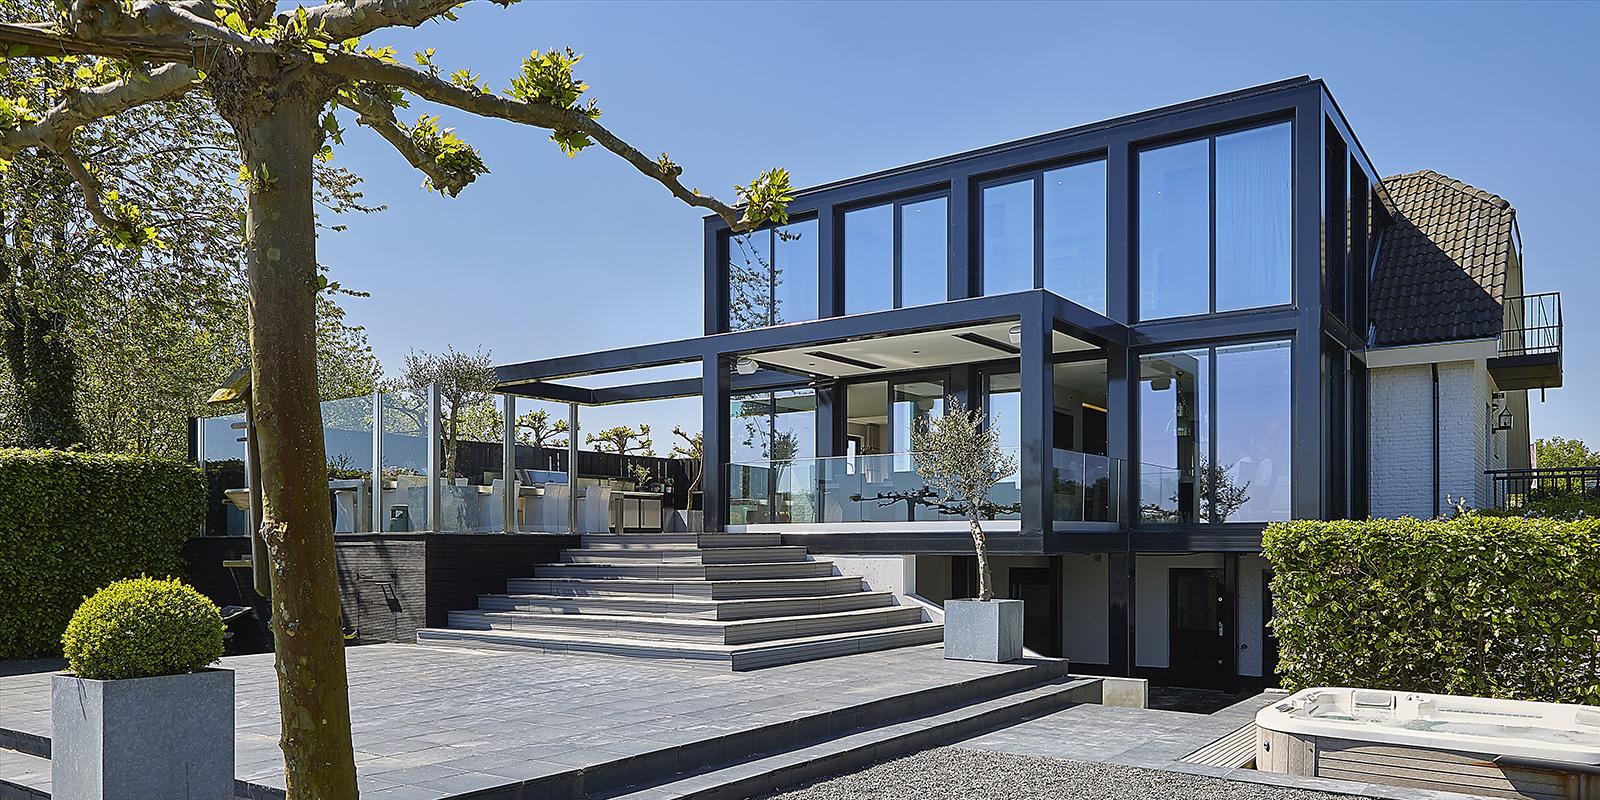 Verbouwing, Van der Linde Architecten, Zwembad, Modern, Strak, Eettafel, Veranda, architectenbureau, architect, nigel van der linde, the art of living